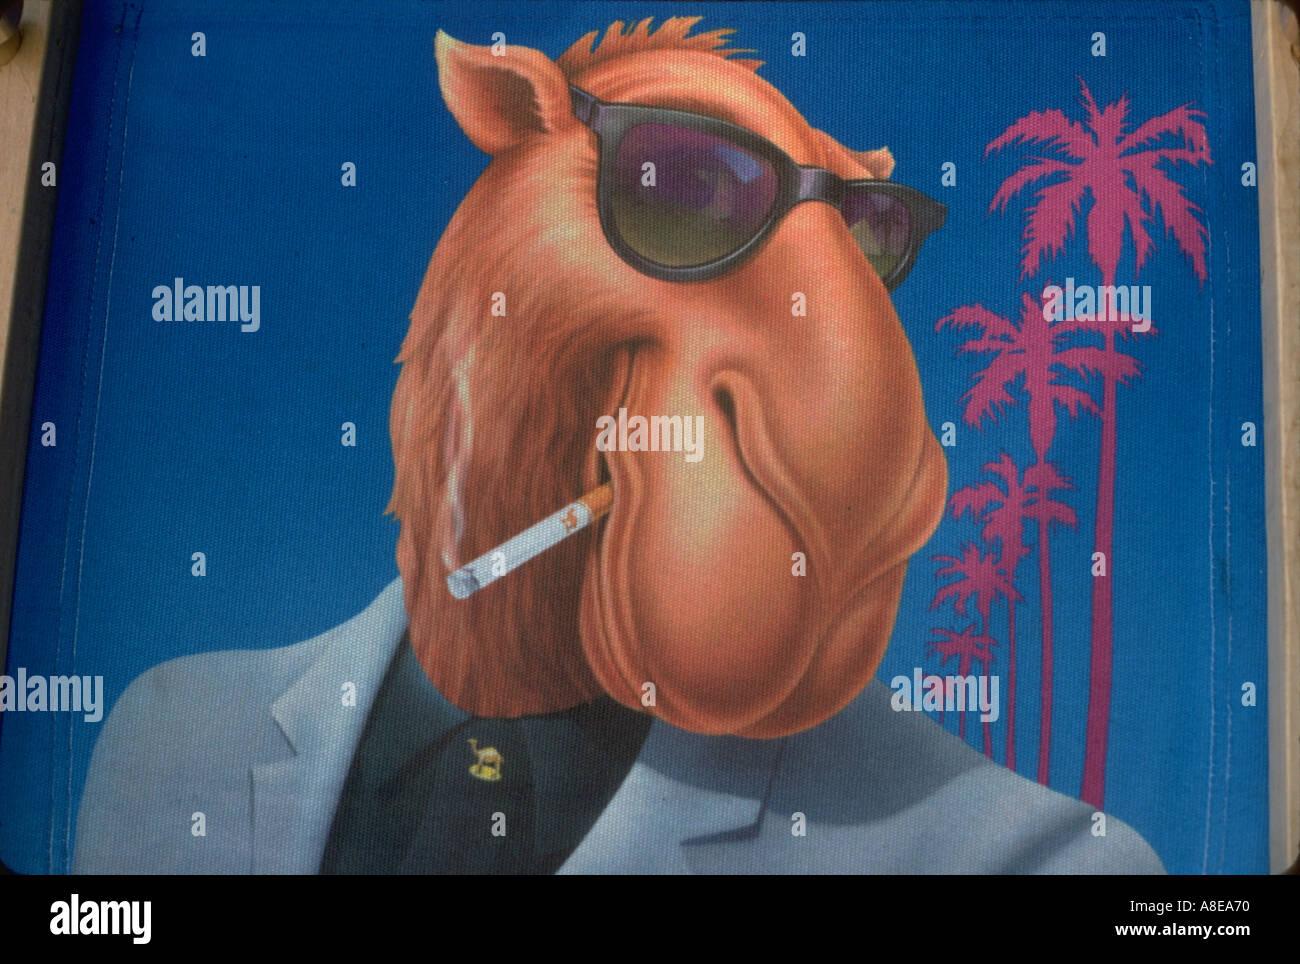 Cheap cigarettes Craven A you